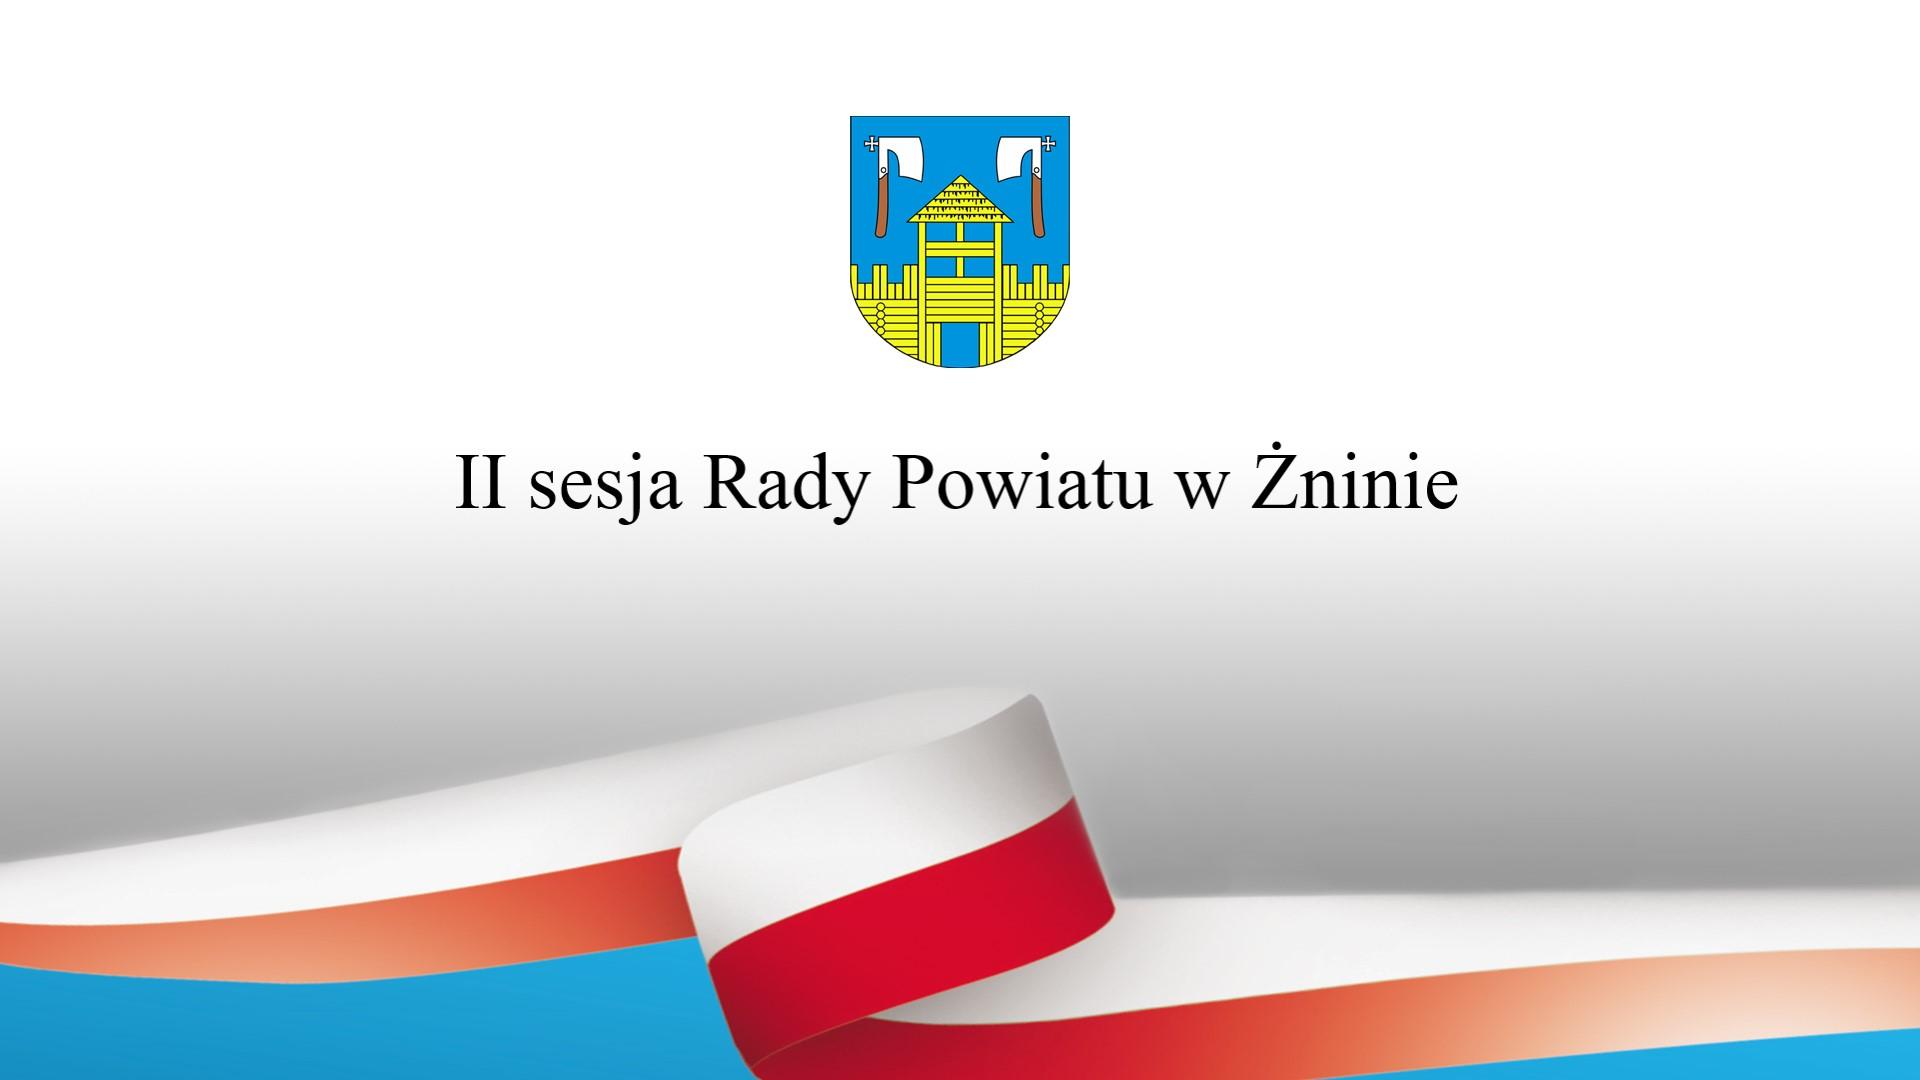 powiatzninski/II_sesja_Rady_Powiatu_w_Żninie.jpg